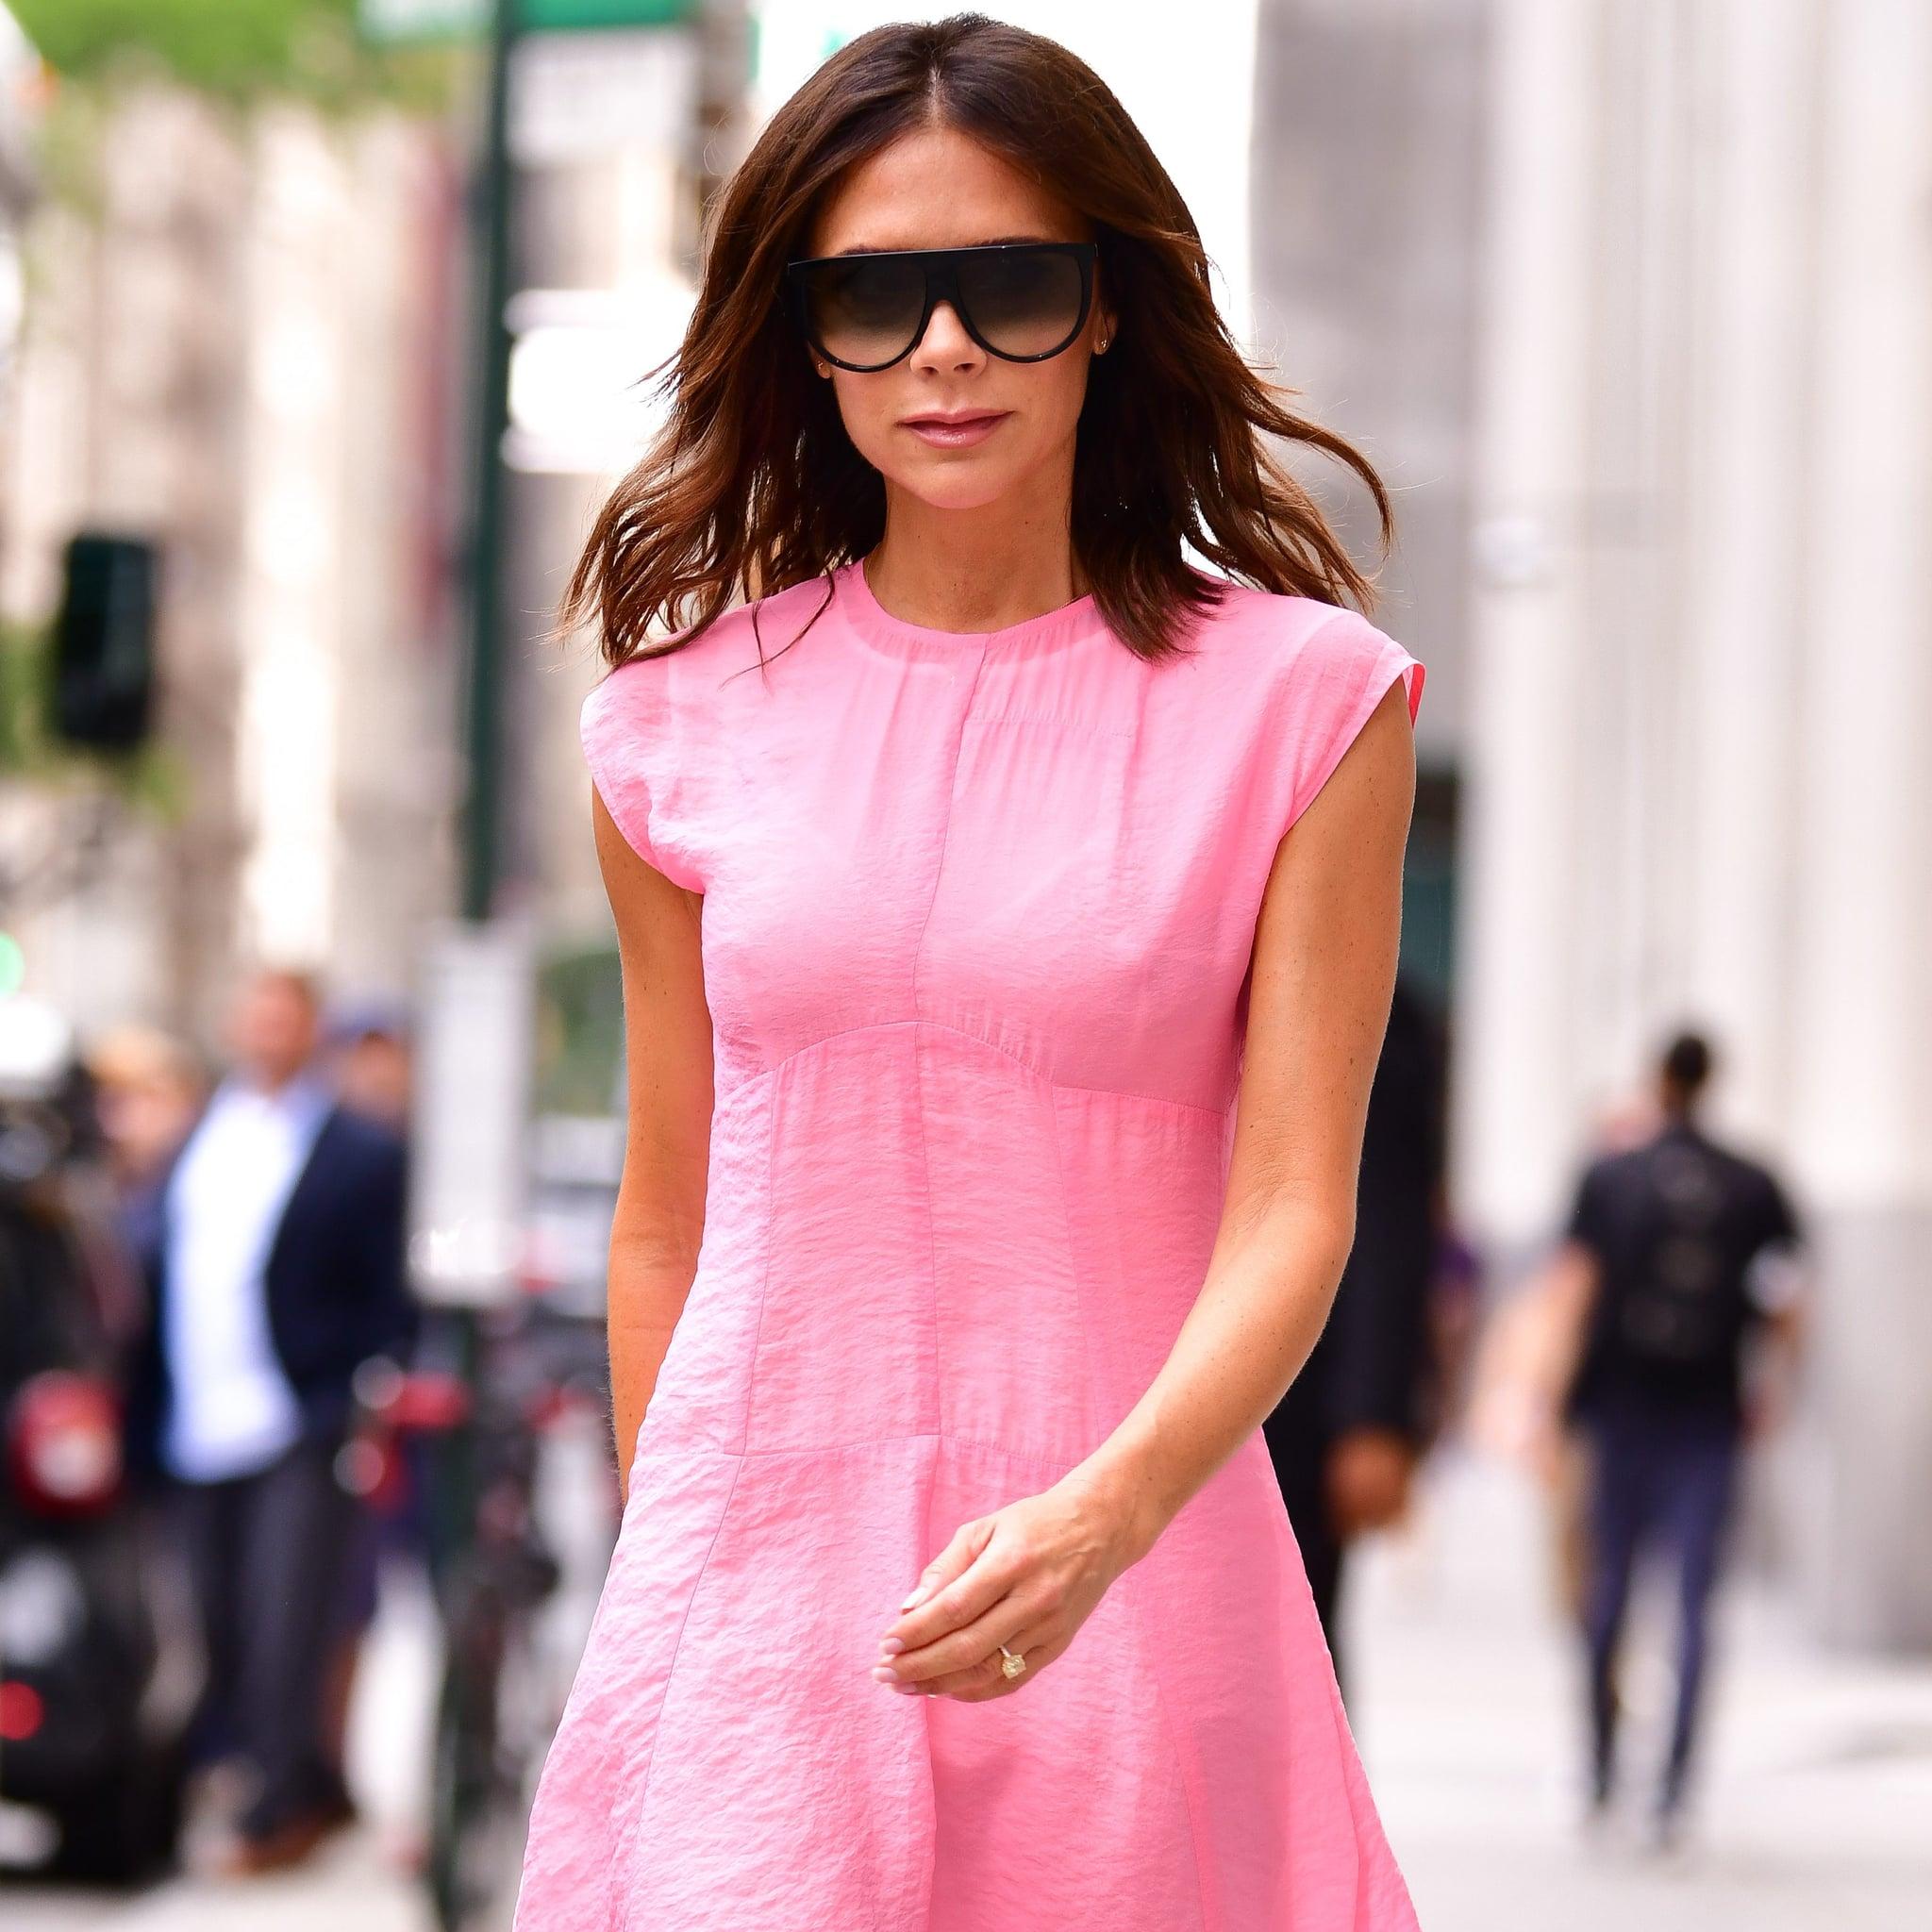 Victoria Beckham Pink Dress in NYC 2018 | POPSUGAR Fashion UK